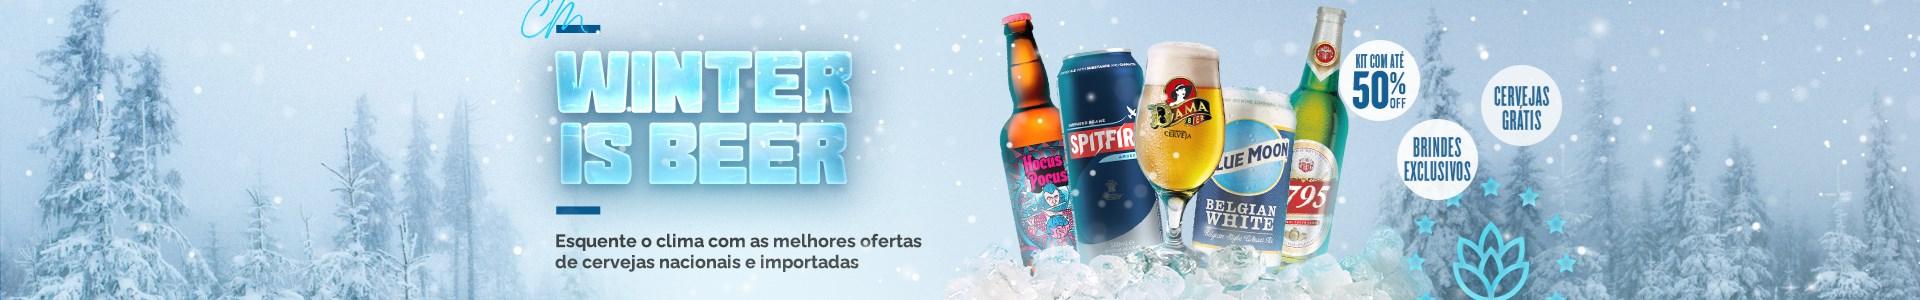 Inverno Clube